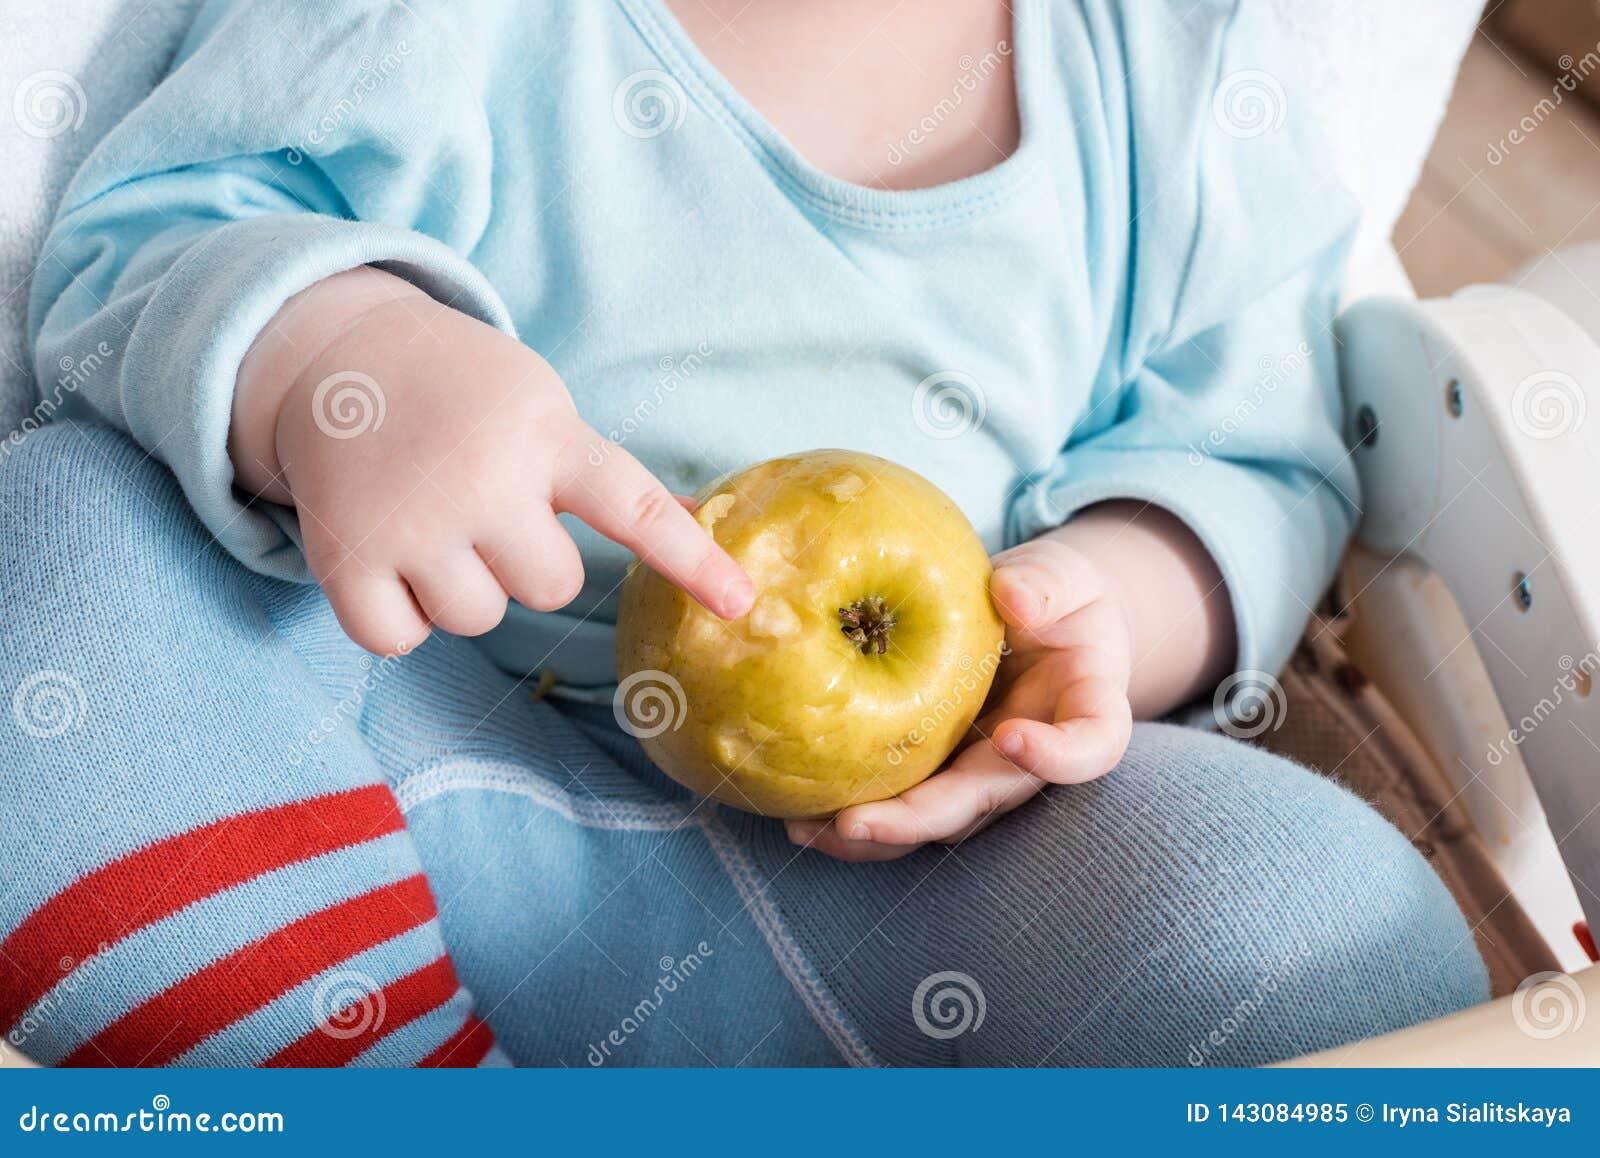 Младенец есть плод Яблоко мальчика сдерживая сидя в белом высоком стуле в солнечной кухне с окном и раковиной m